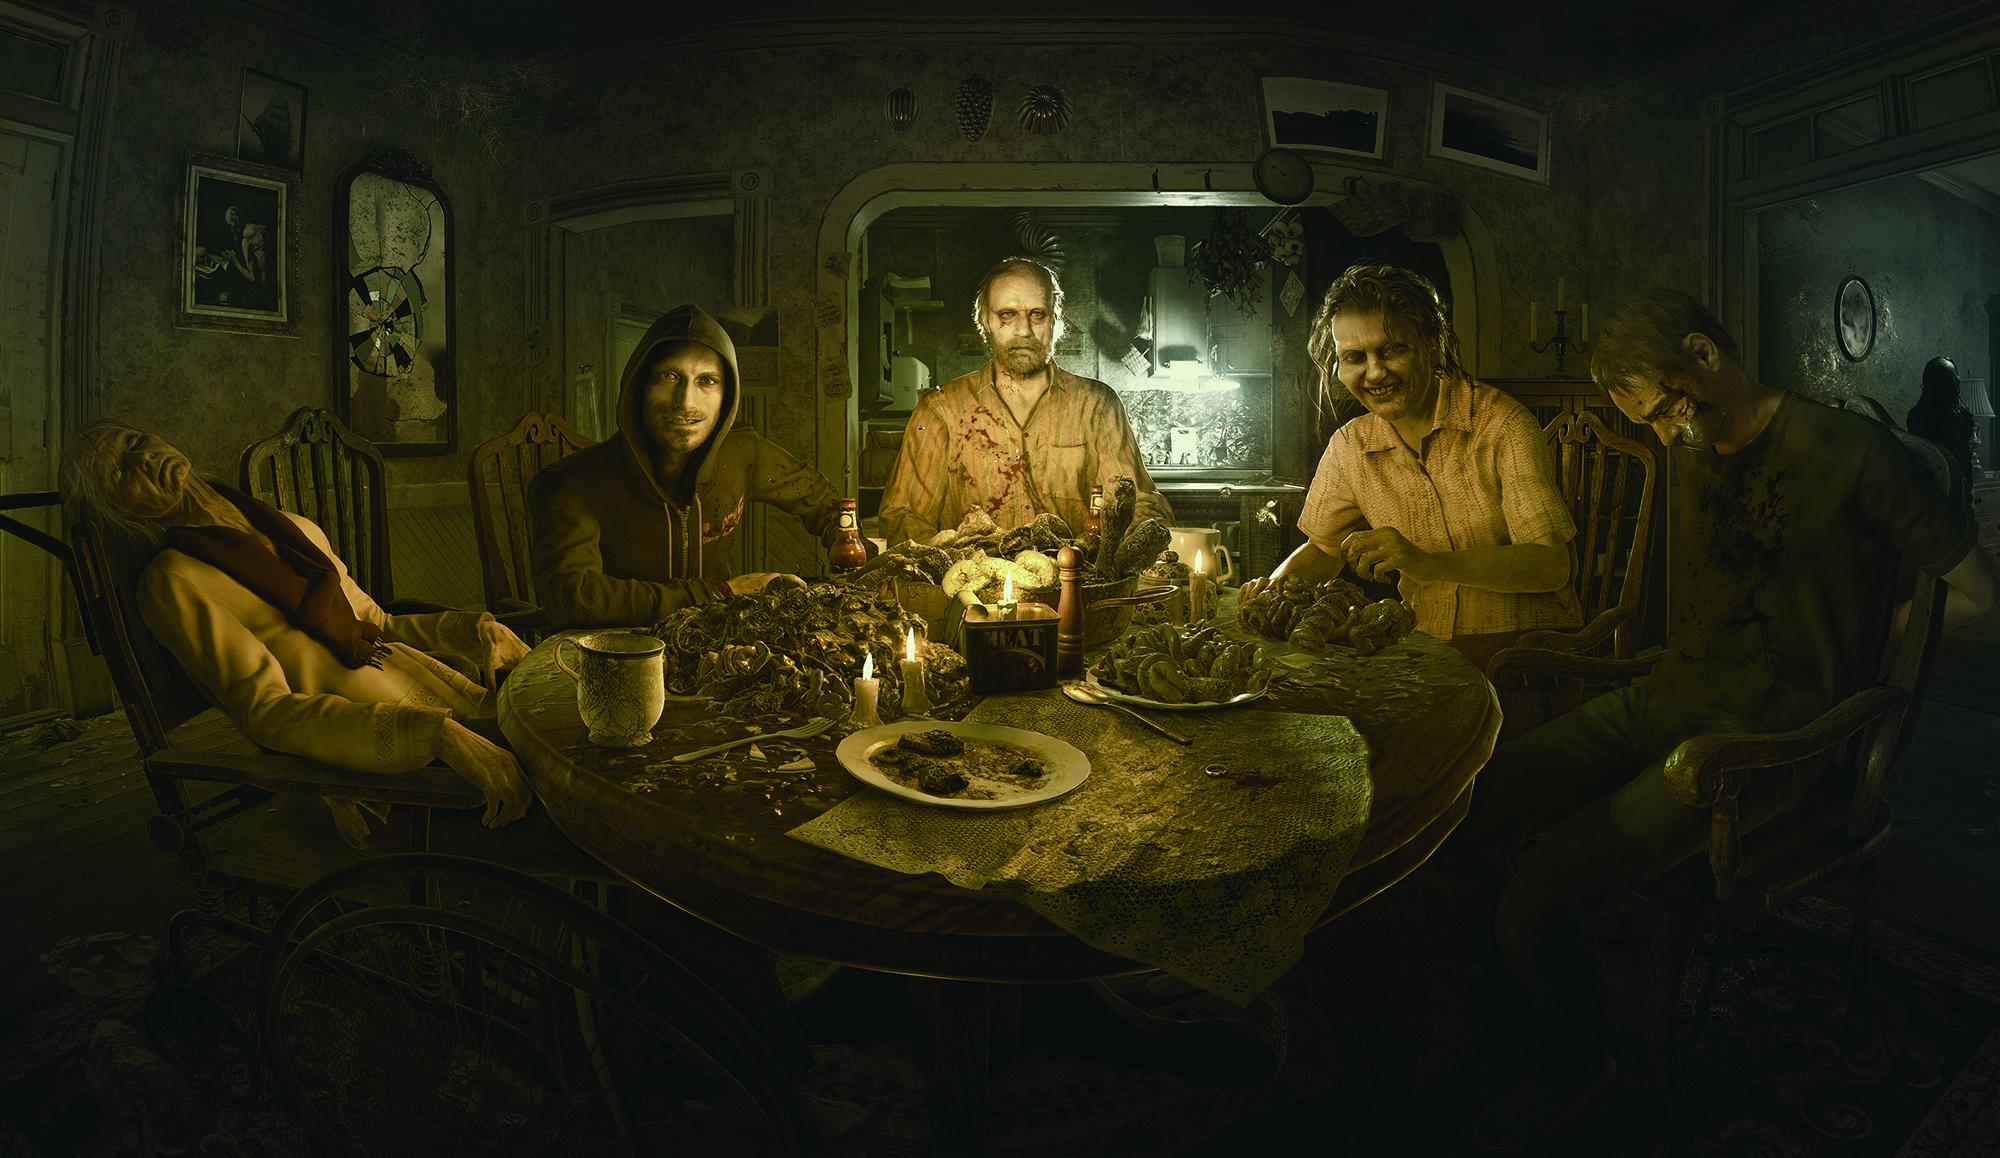 3 - أفضل ألعاب النجاة من الصعوبات الهائلة على Resident Evil 7 biohazard - PS4